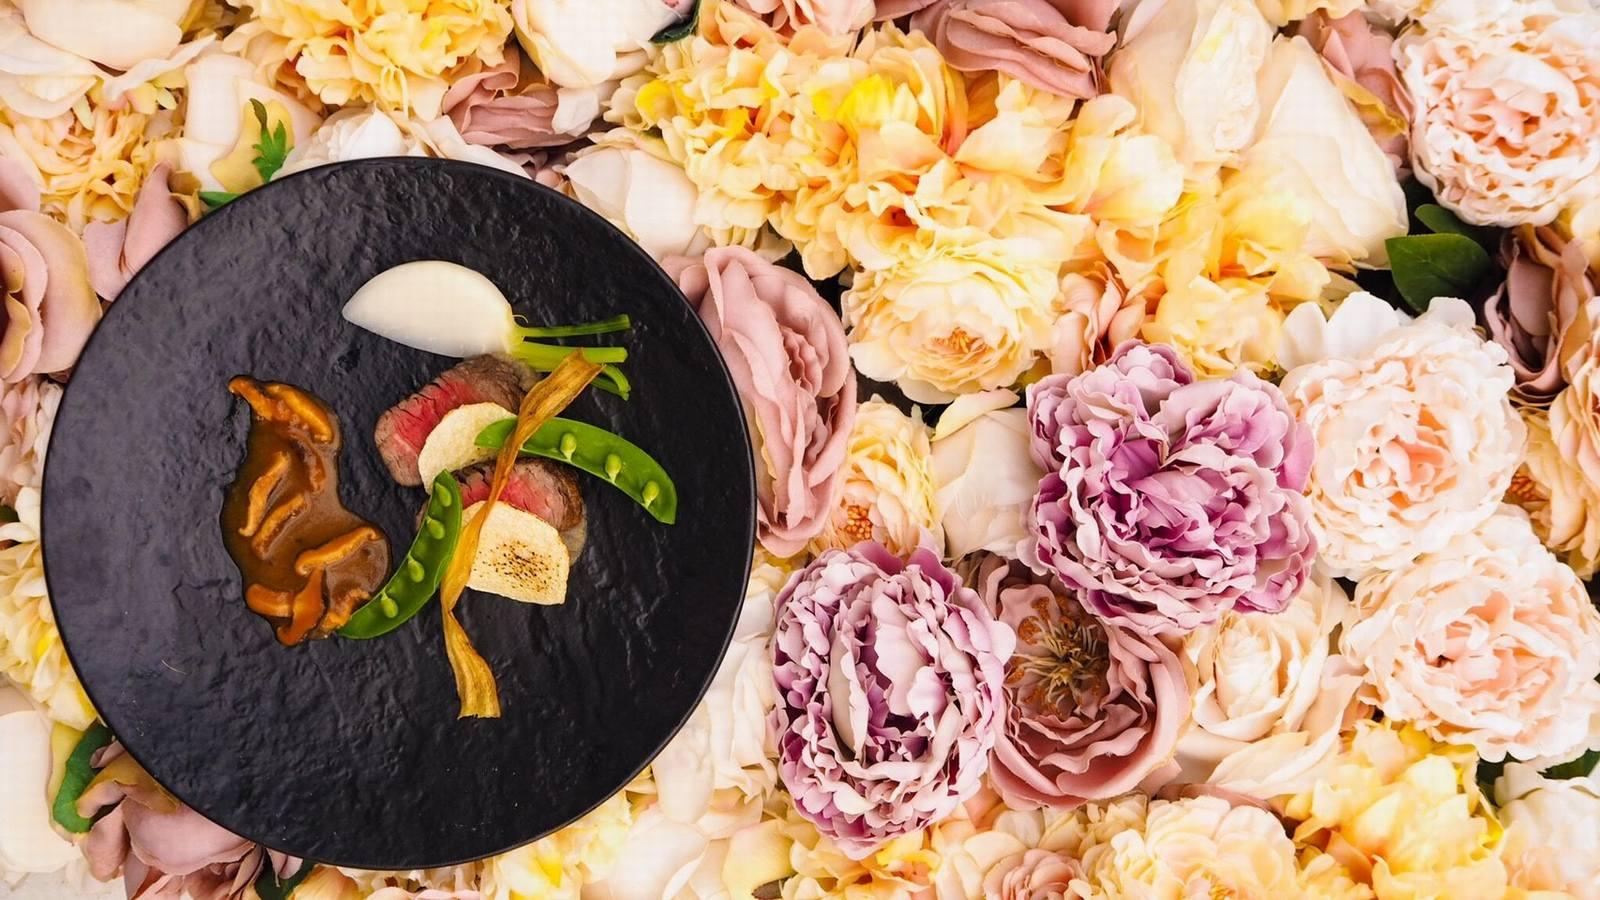 香川県の結婚式場シェルエメール&アイスタイルの料理